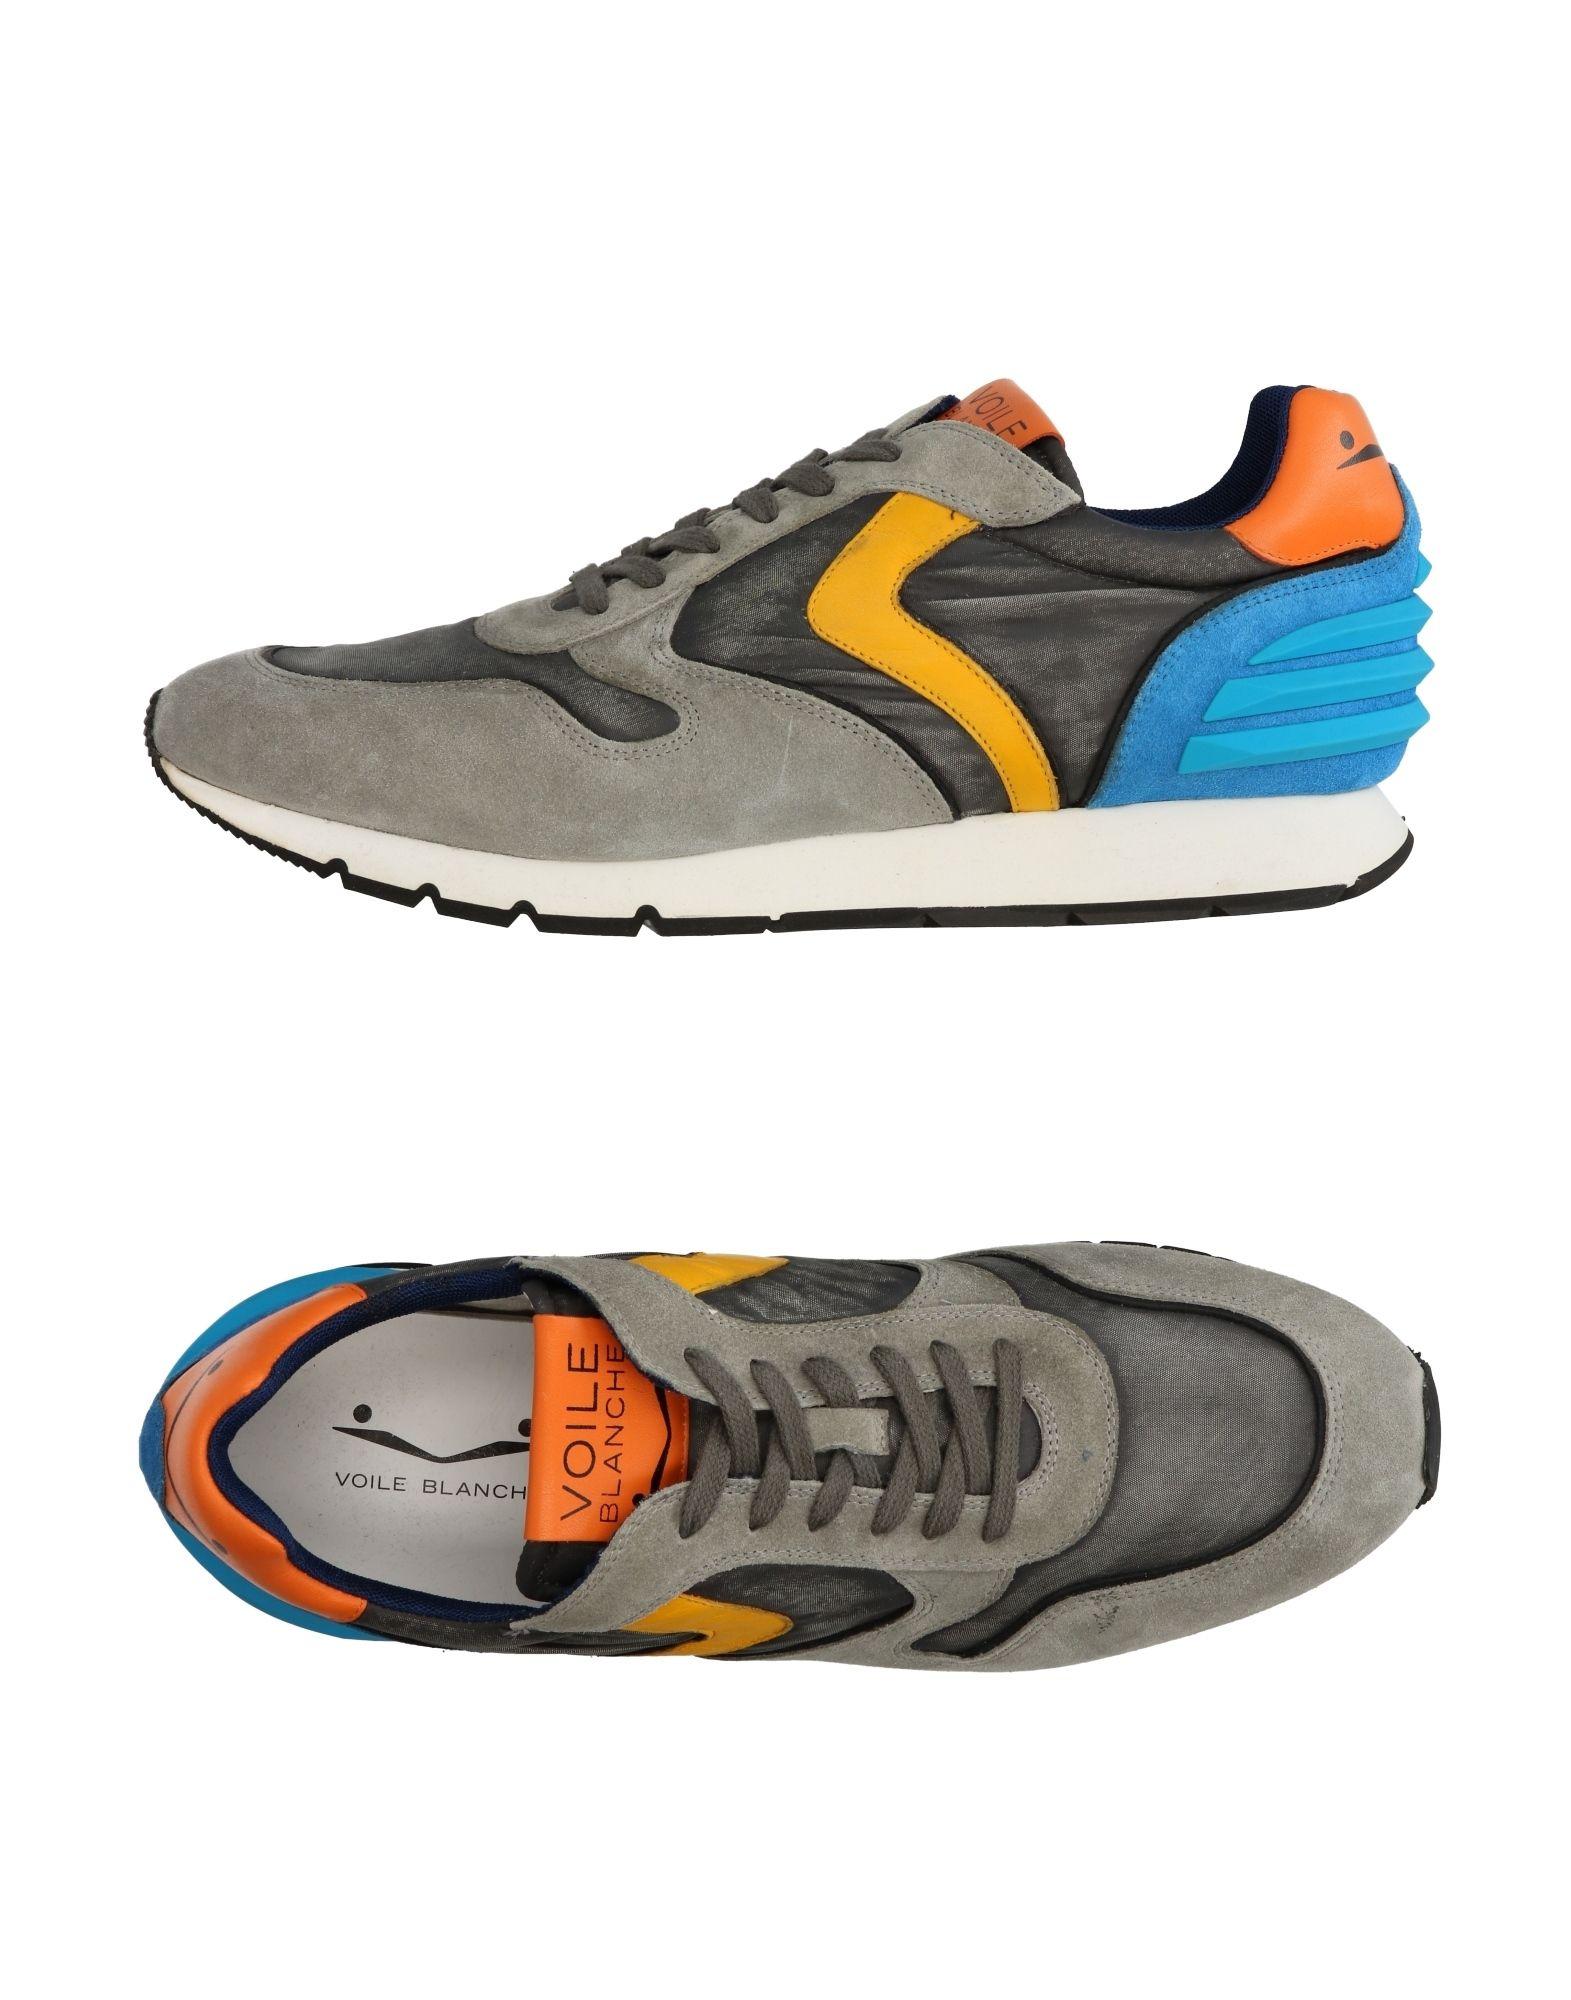 Voile Blanche Sneakers Herren  11261165IG Gute Qualität beliebte Schuhe